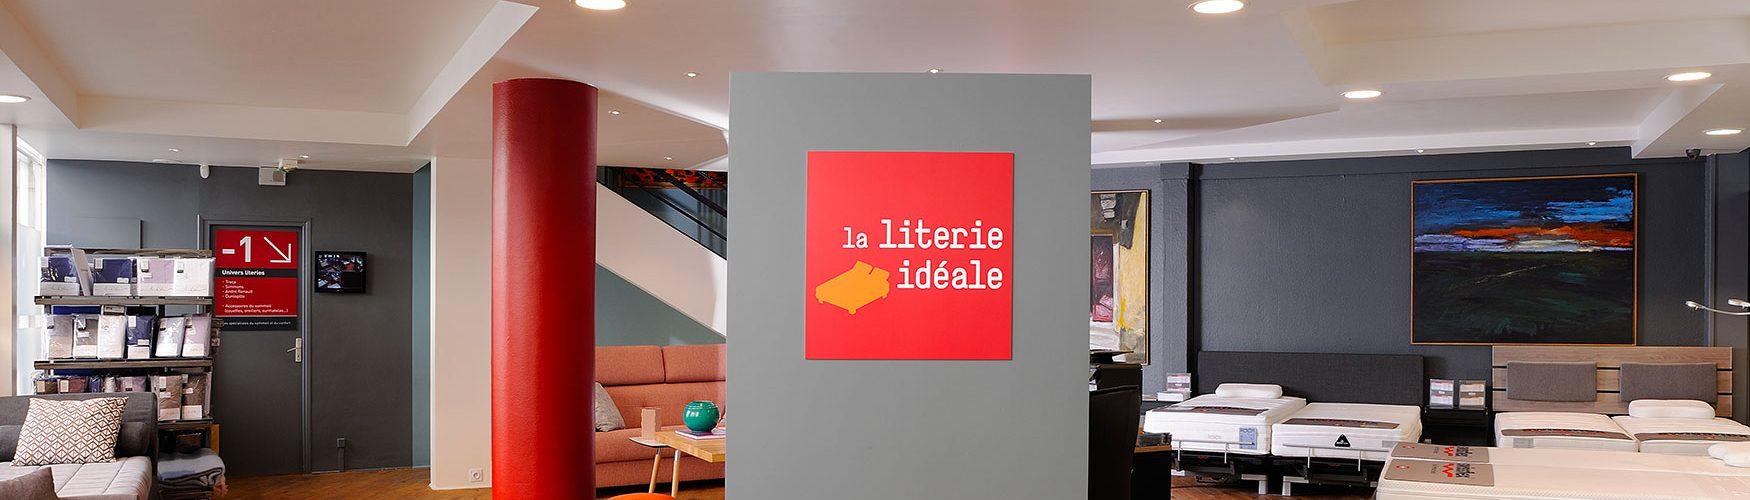 Venez nous rencontrer dans notre magasin Literie Idéale